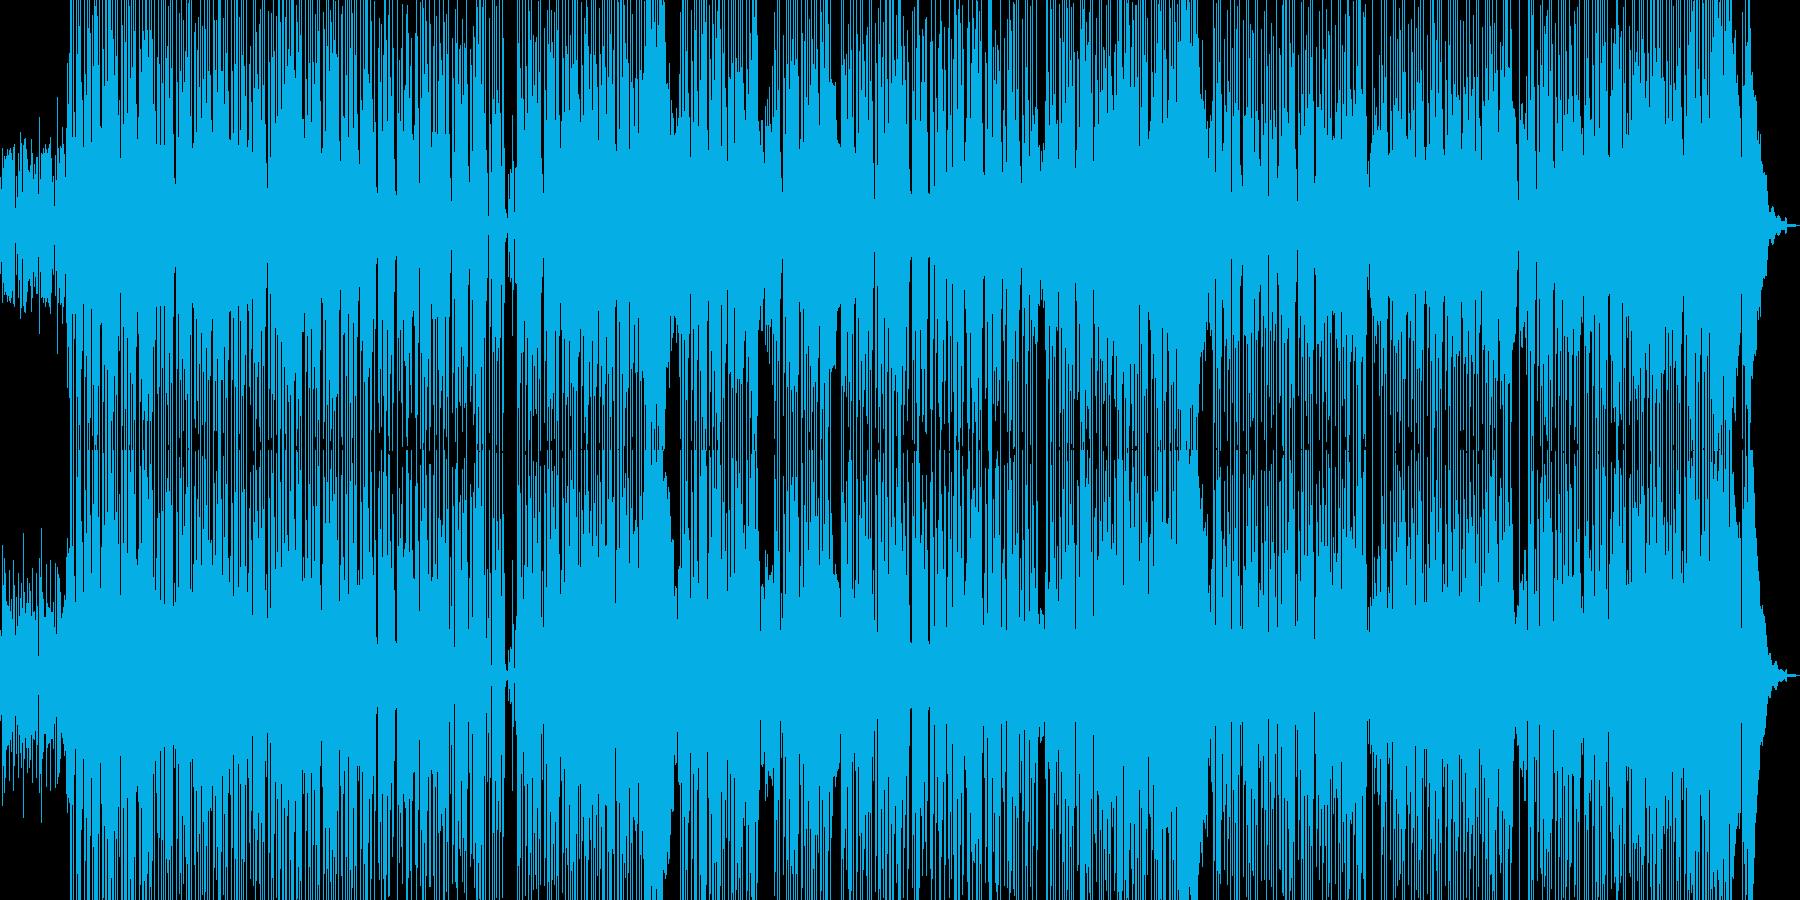 カクテル・バーをイメージしたジャズの再生済みの波形